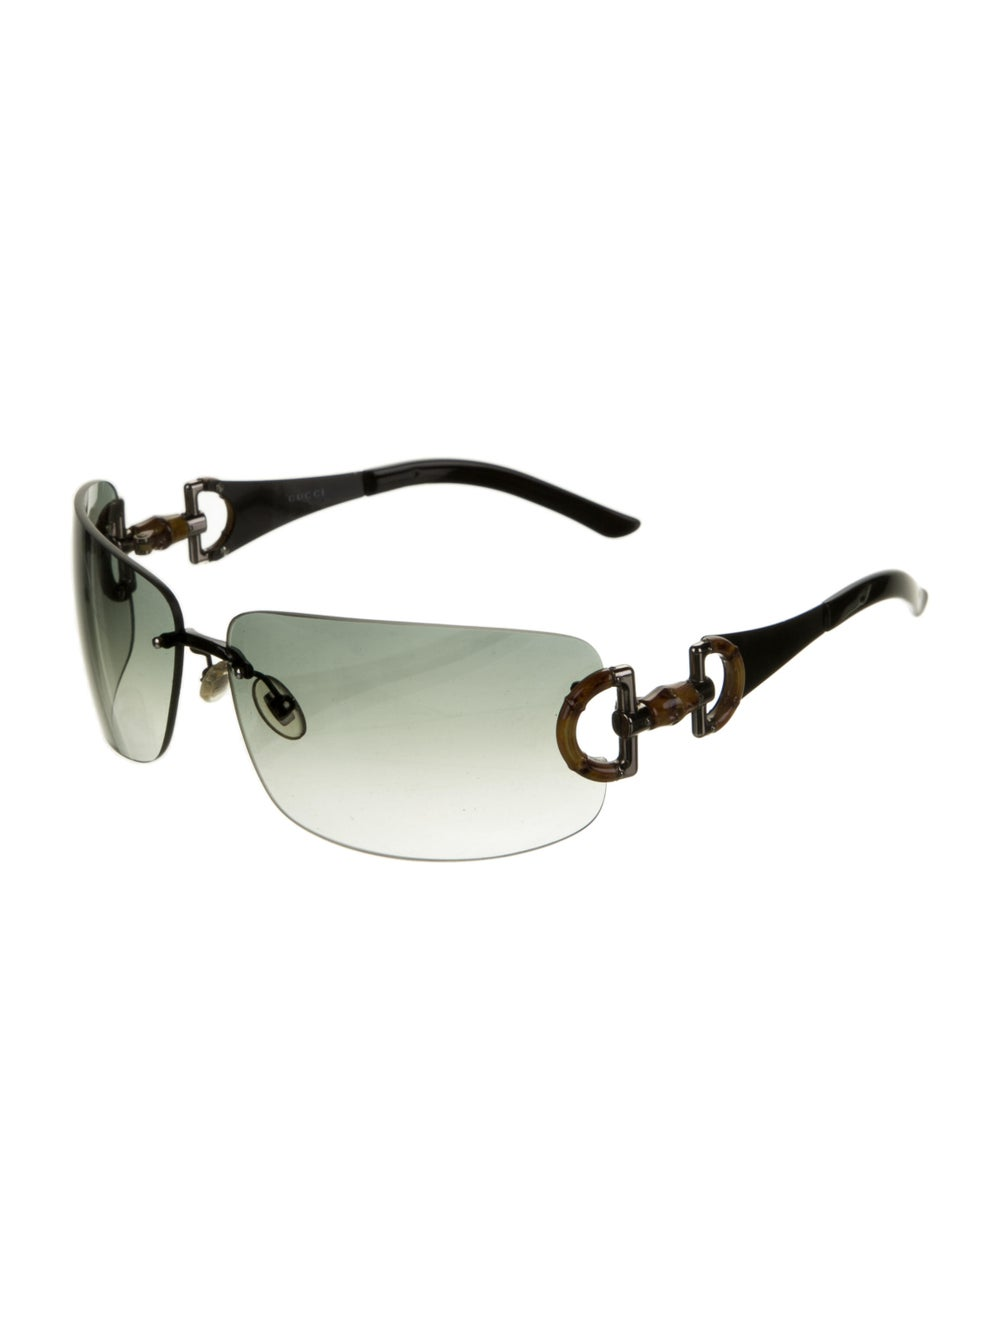 Gucci Bamboo Accent Shield Sunglasses Black - image 2